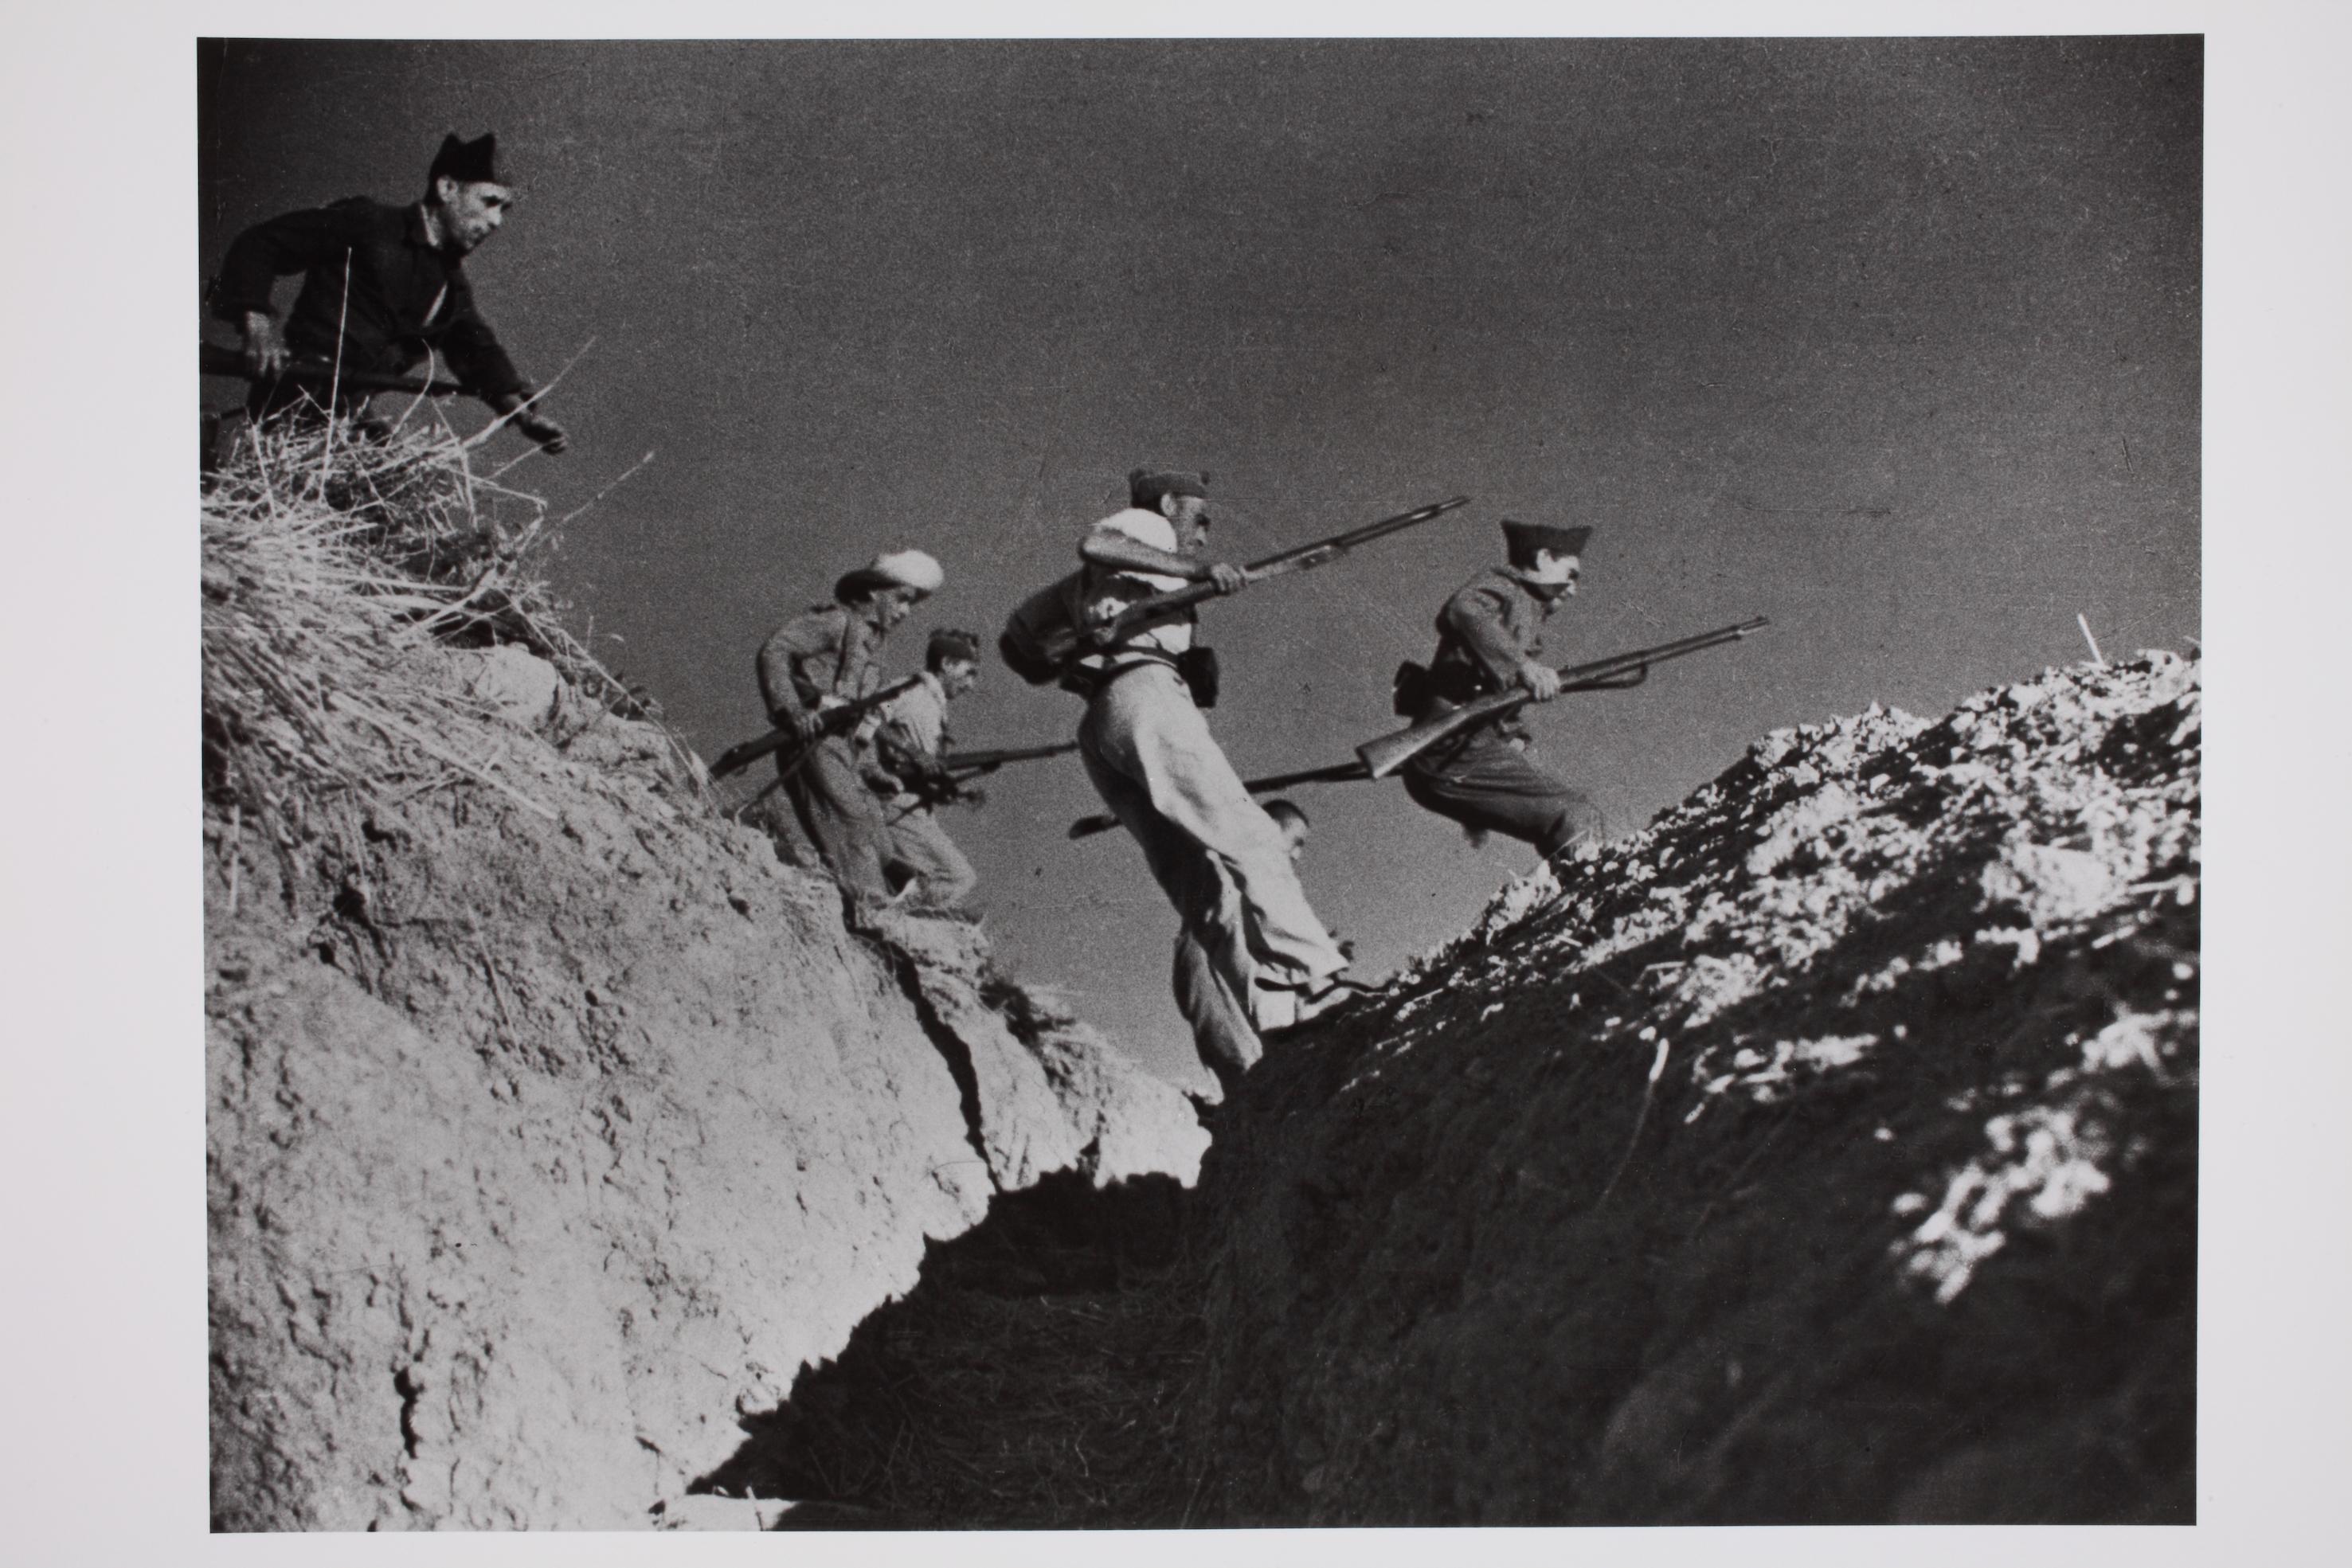 Köztársasági milicisták egy vízmosást ugranak át. Cerro Muriano, Córdoba front, Spanyolország, 1936. © Robert Capa © International Center of Photography/Magnum Photos